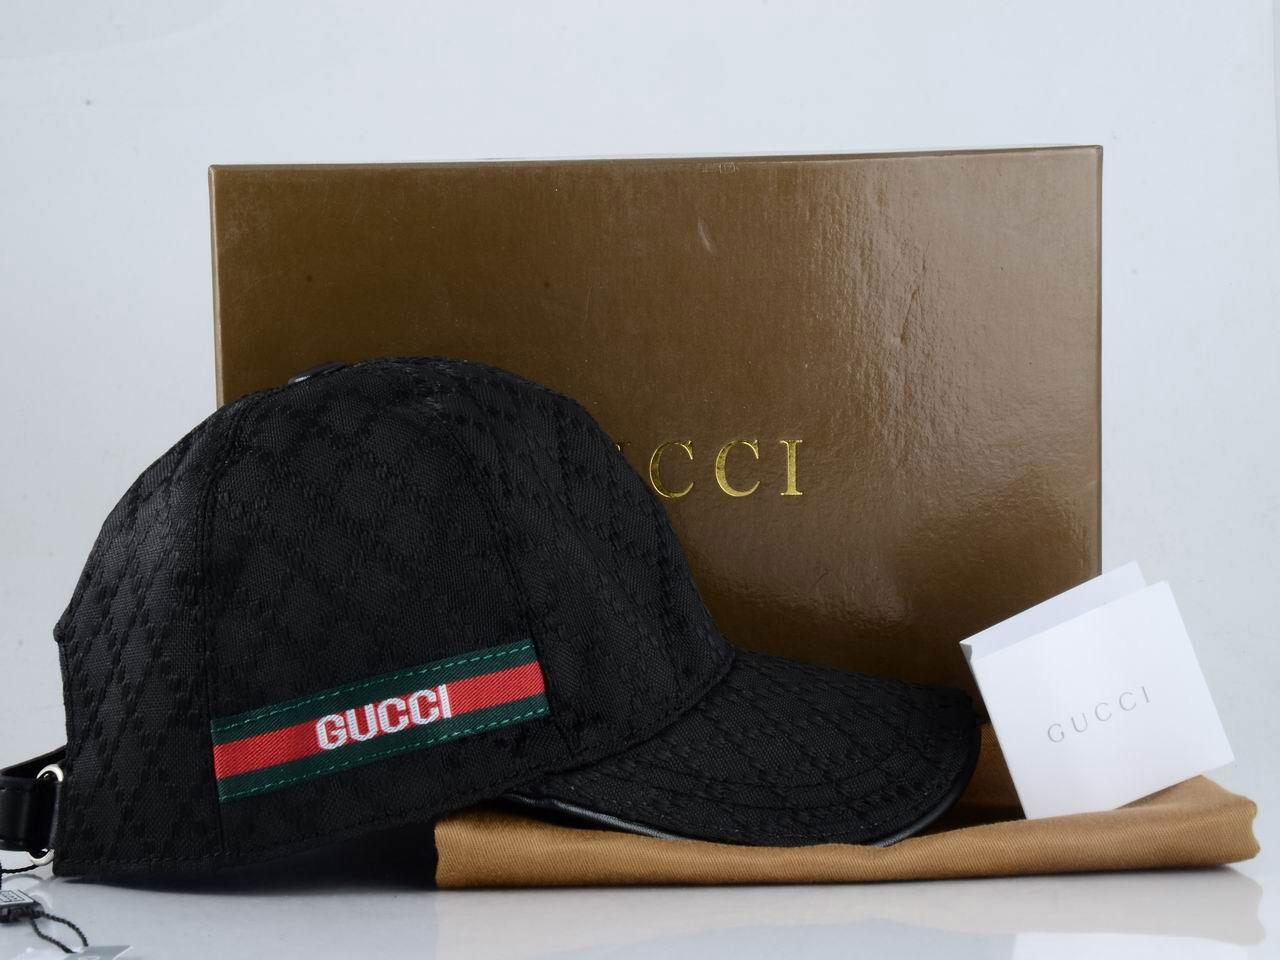 Casquette Gucci Noir-16 - Casquette Gucci Noir-16 pas cher d5d1b4a0b14